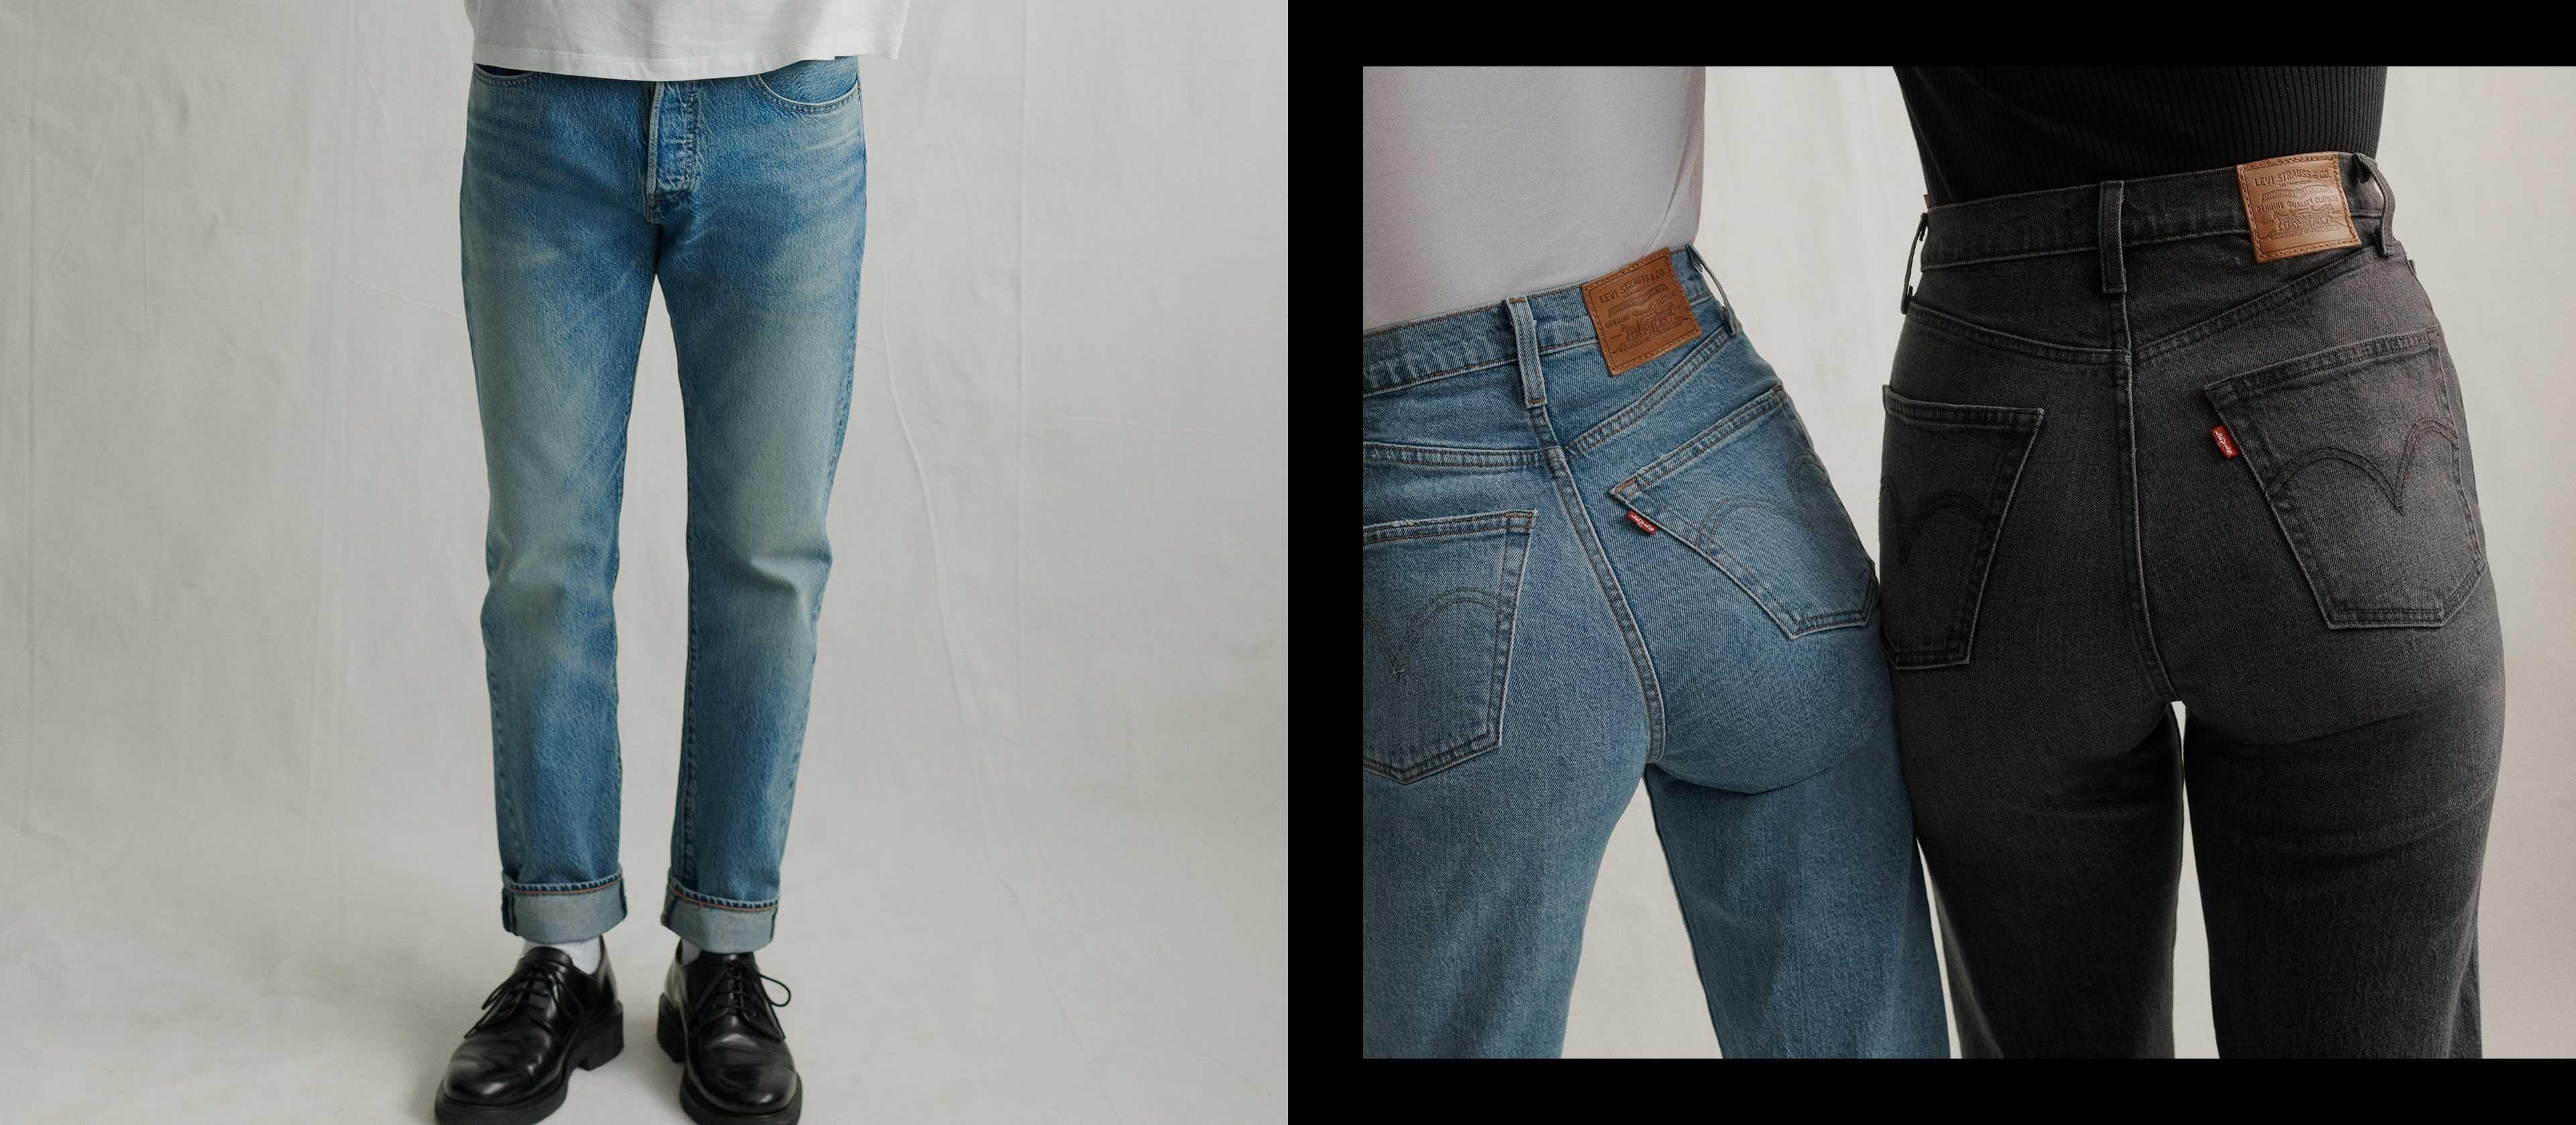 Tour De Lit 360 Belle Jeans Denim Jackets & Clothing